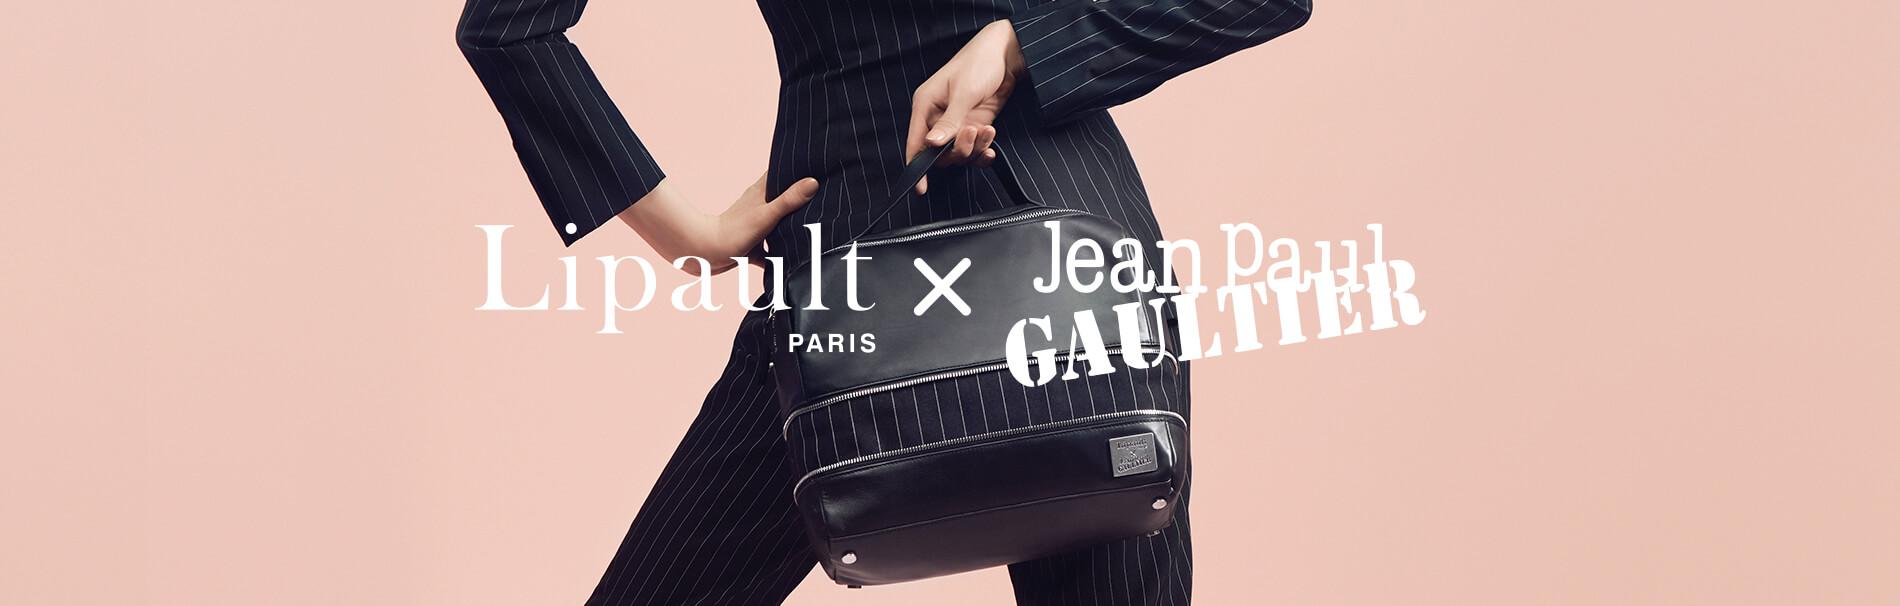 Lipault x Jean Paul Gaultier